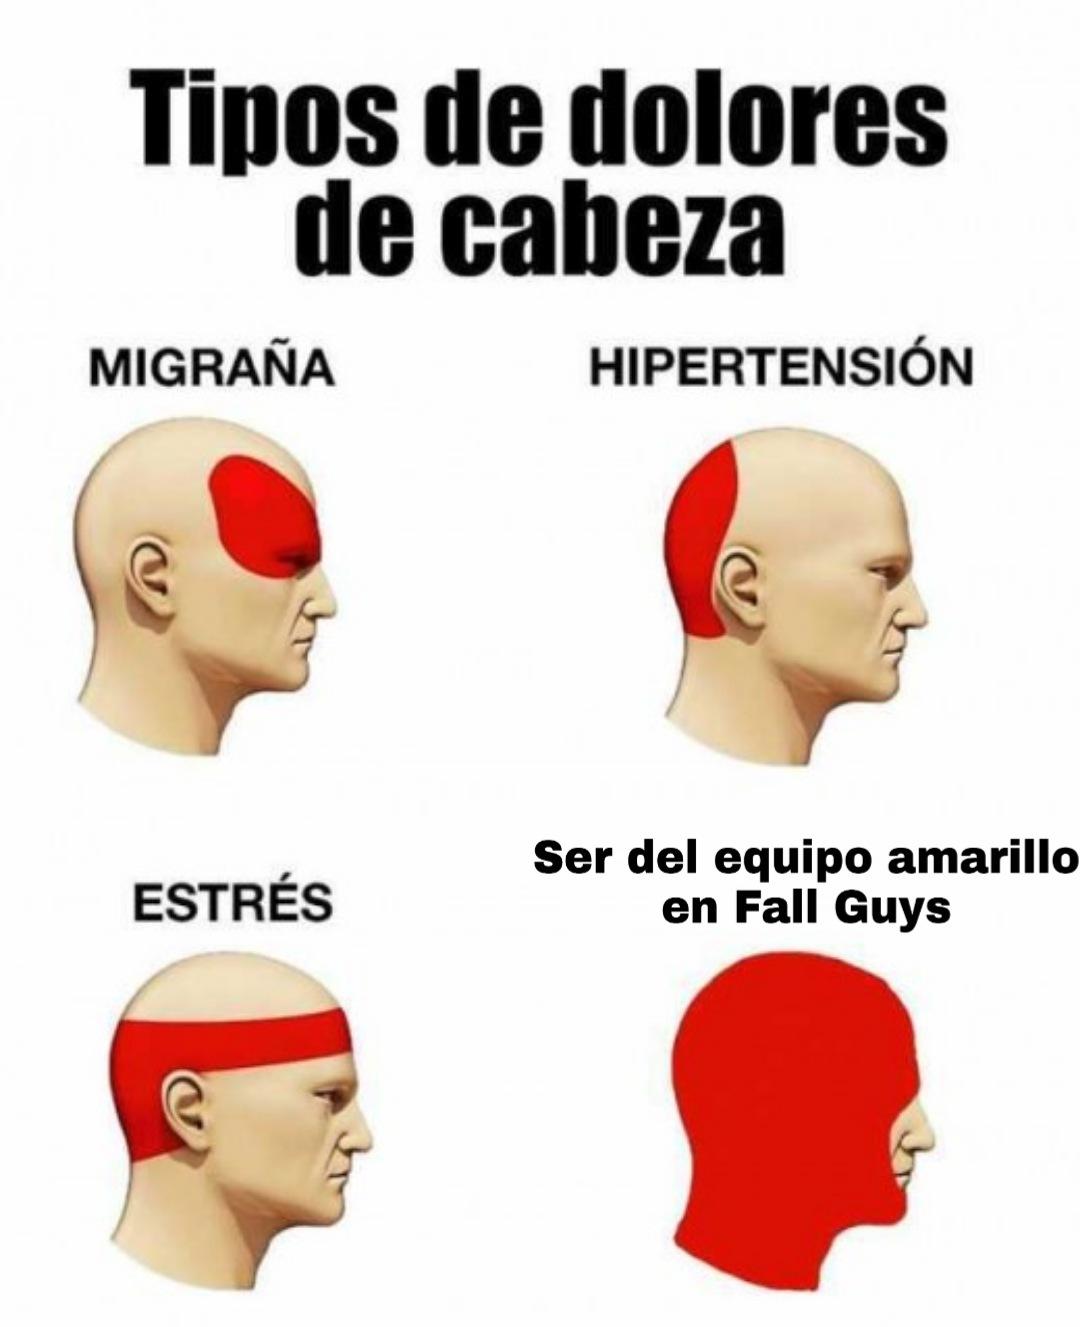 Fuah - meme